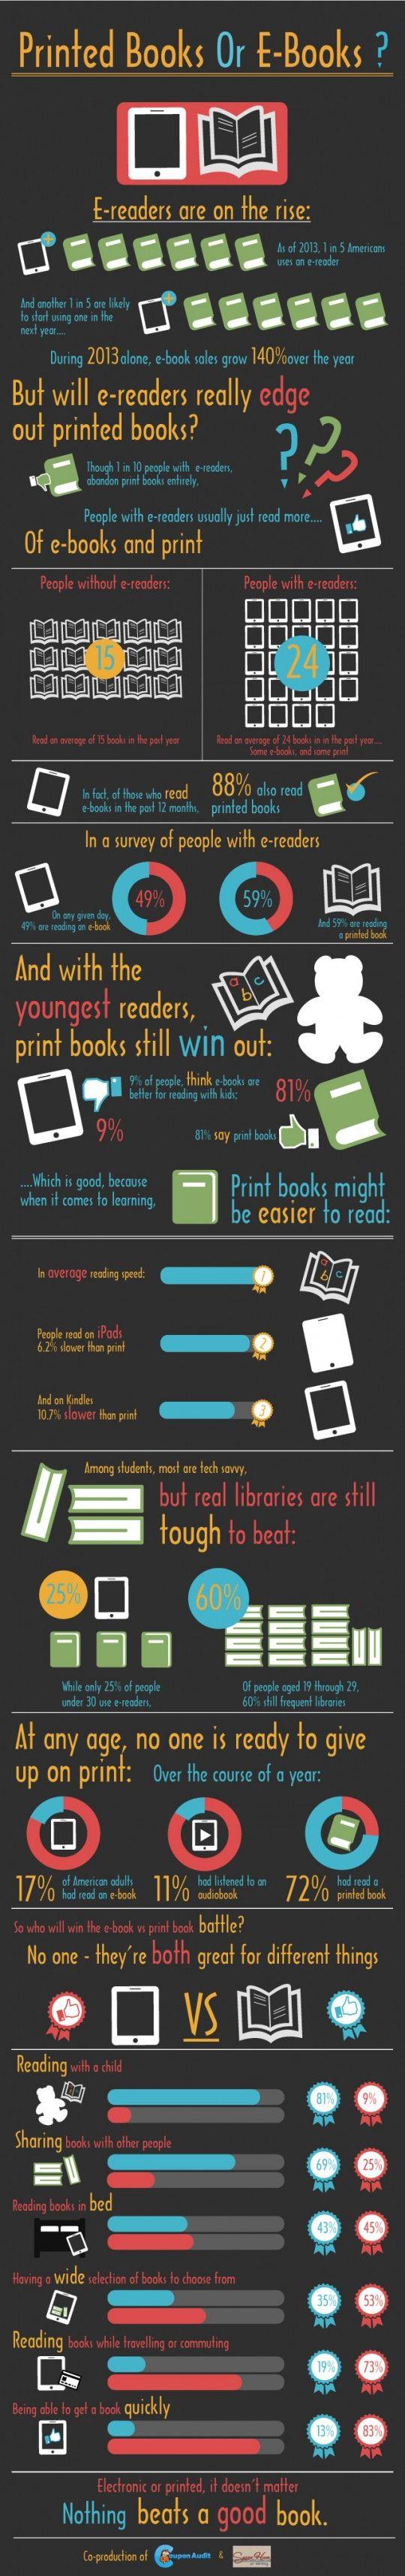 La #lecture aux Etats-Unis en 2013 : #papier ou #numérique en fonction des usages